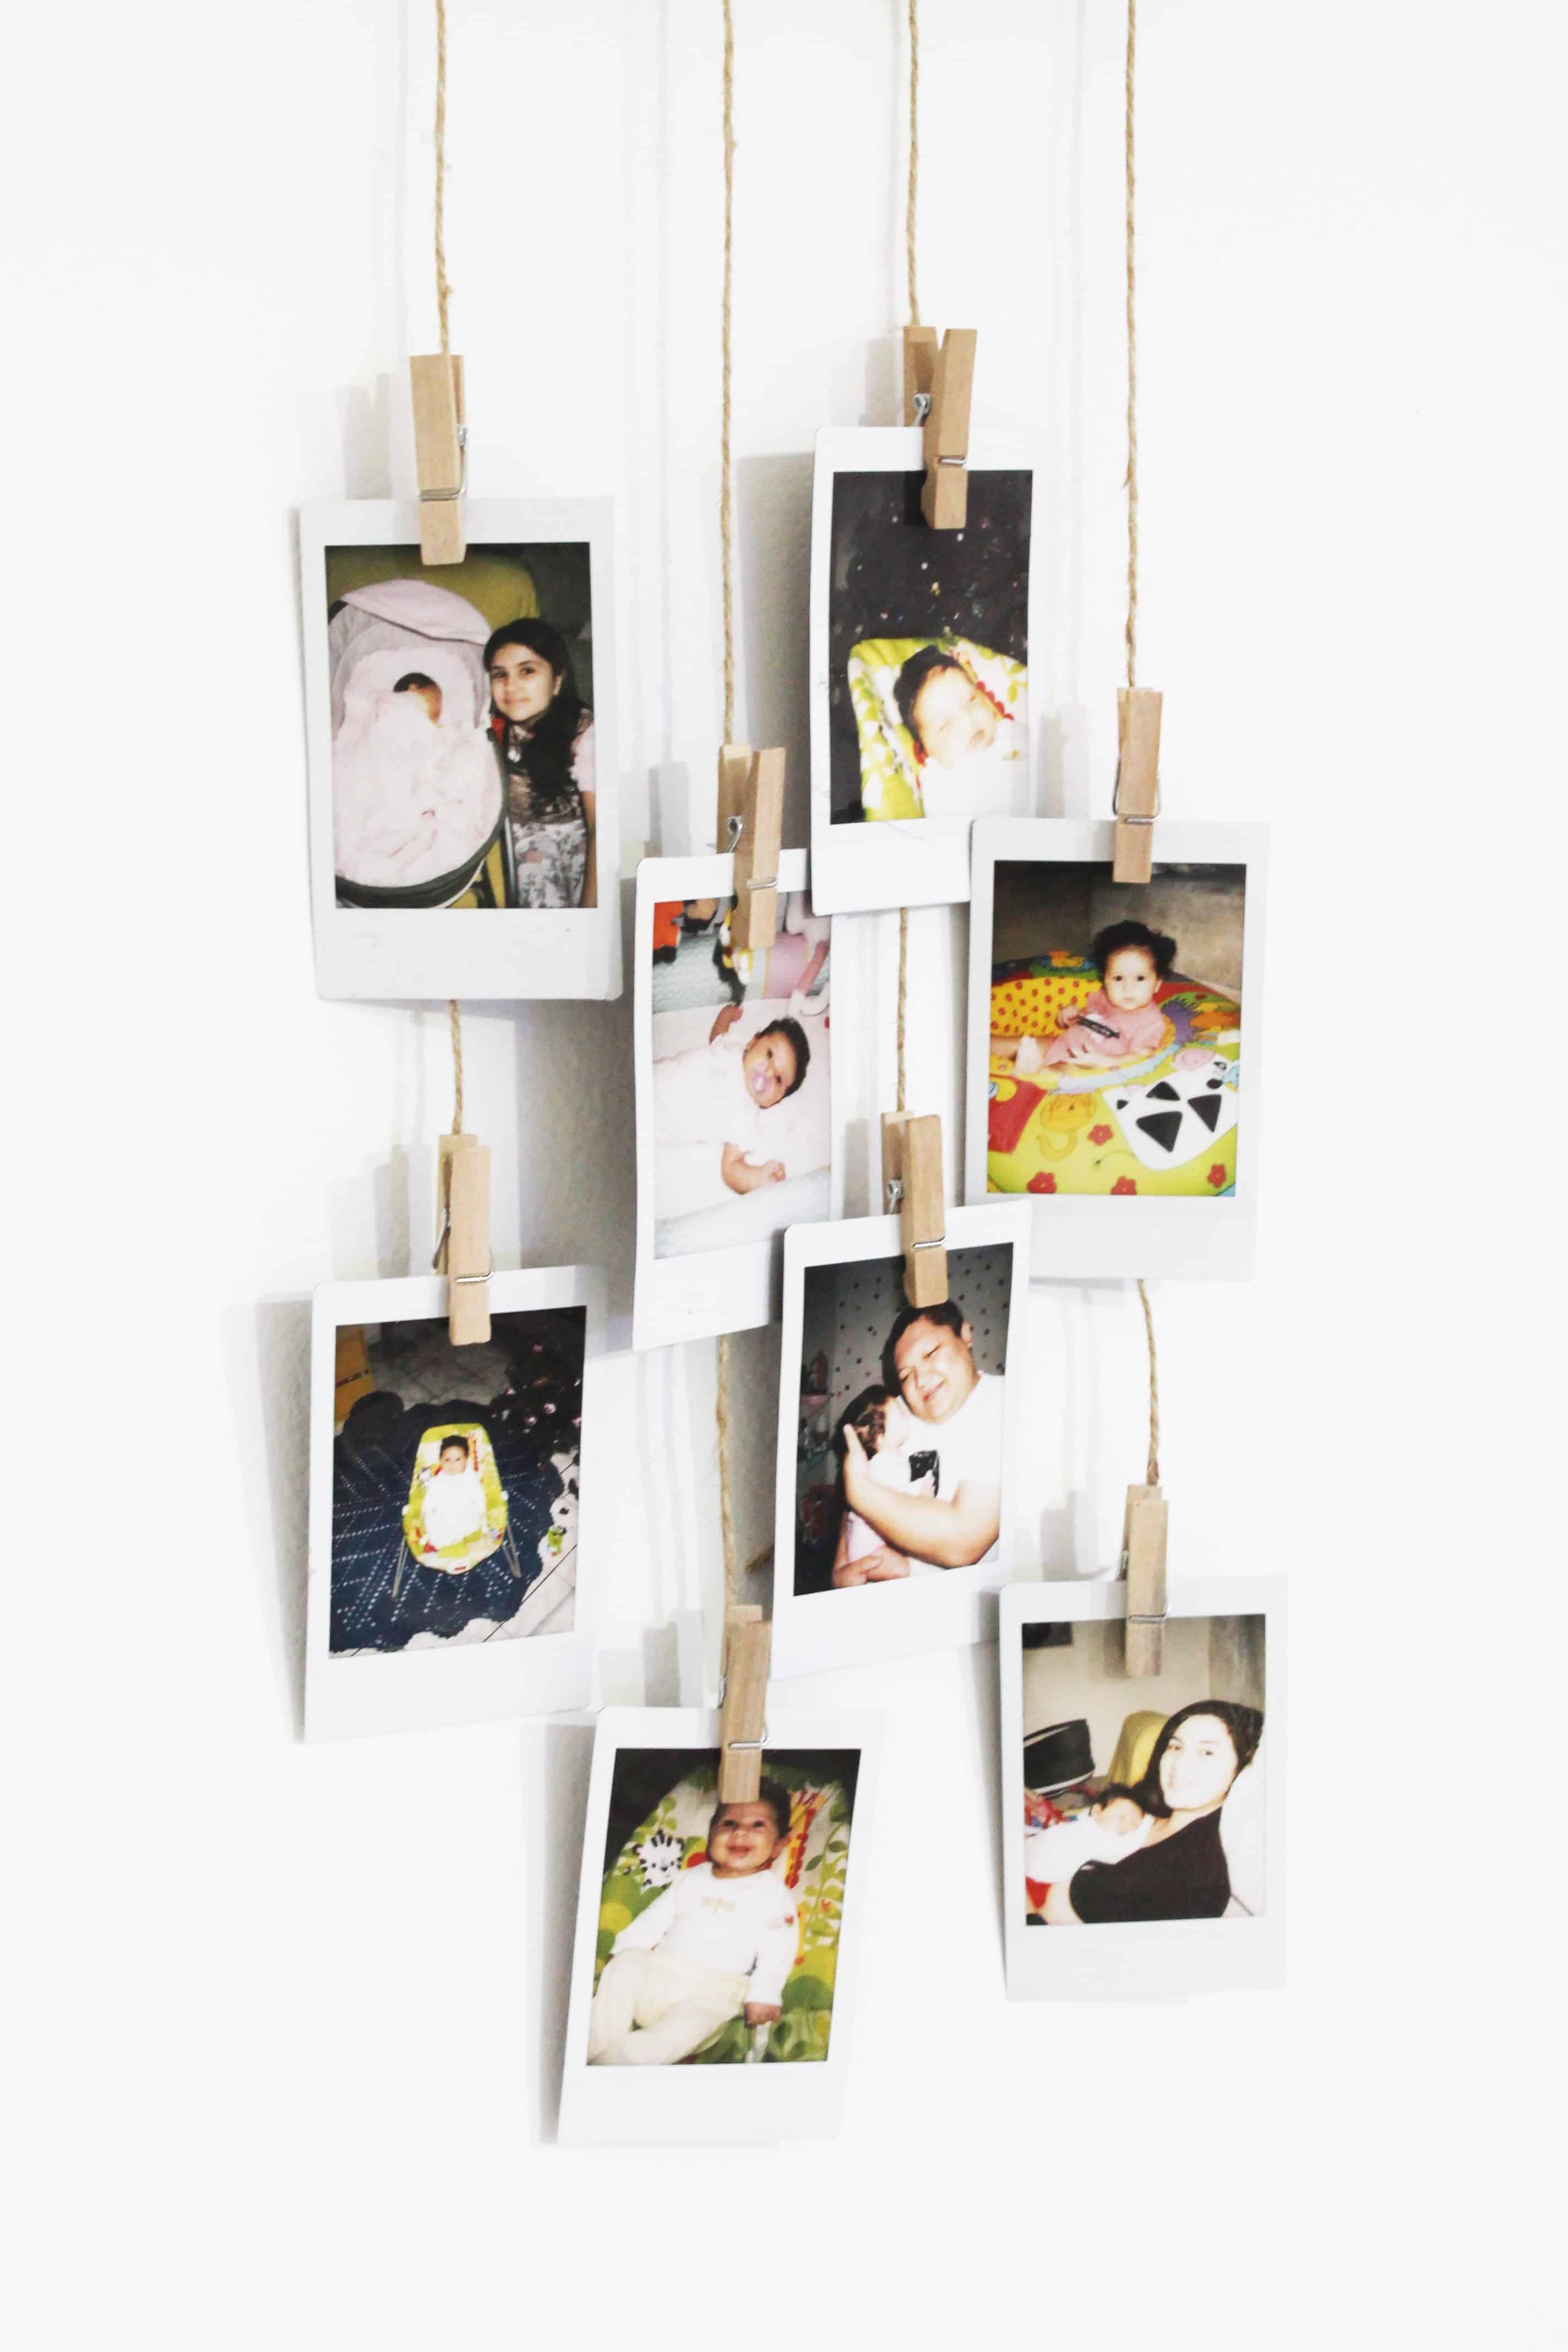 painel de fotos rústico